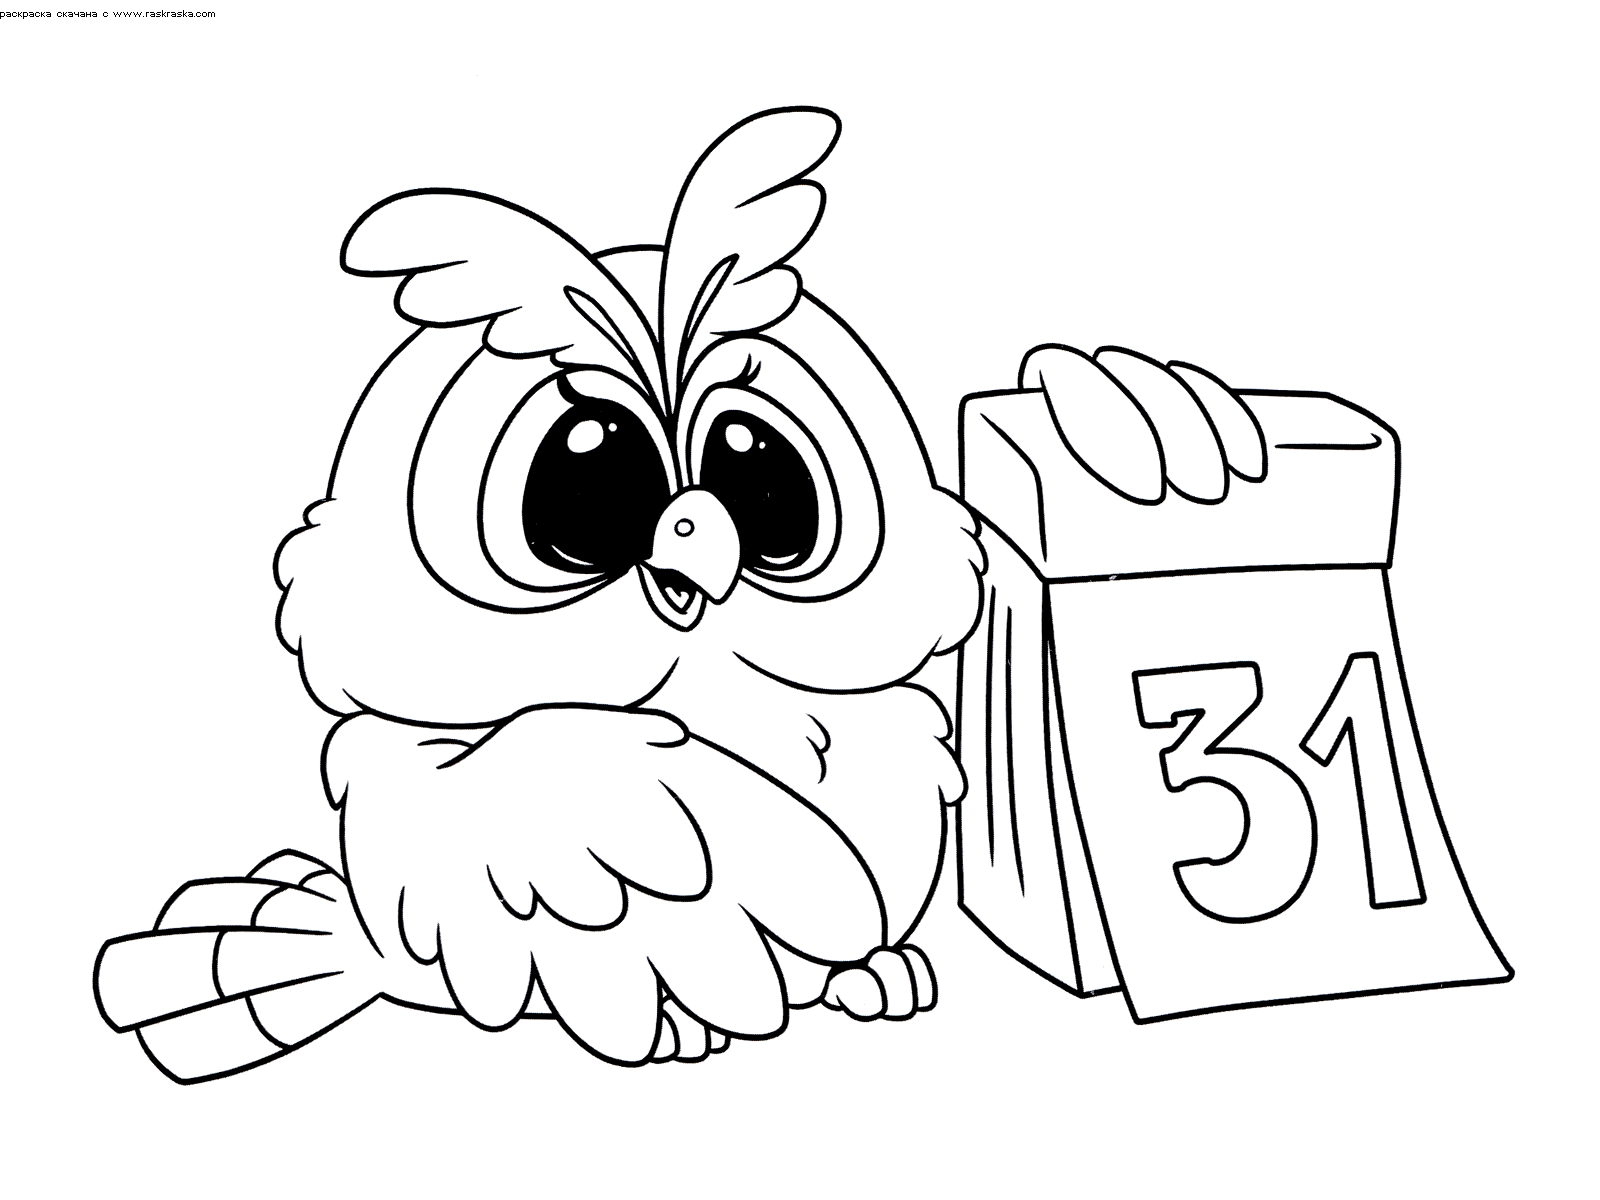 Раскраска 31 декабря. Раскраска сова, календарь